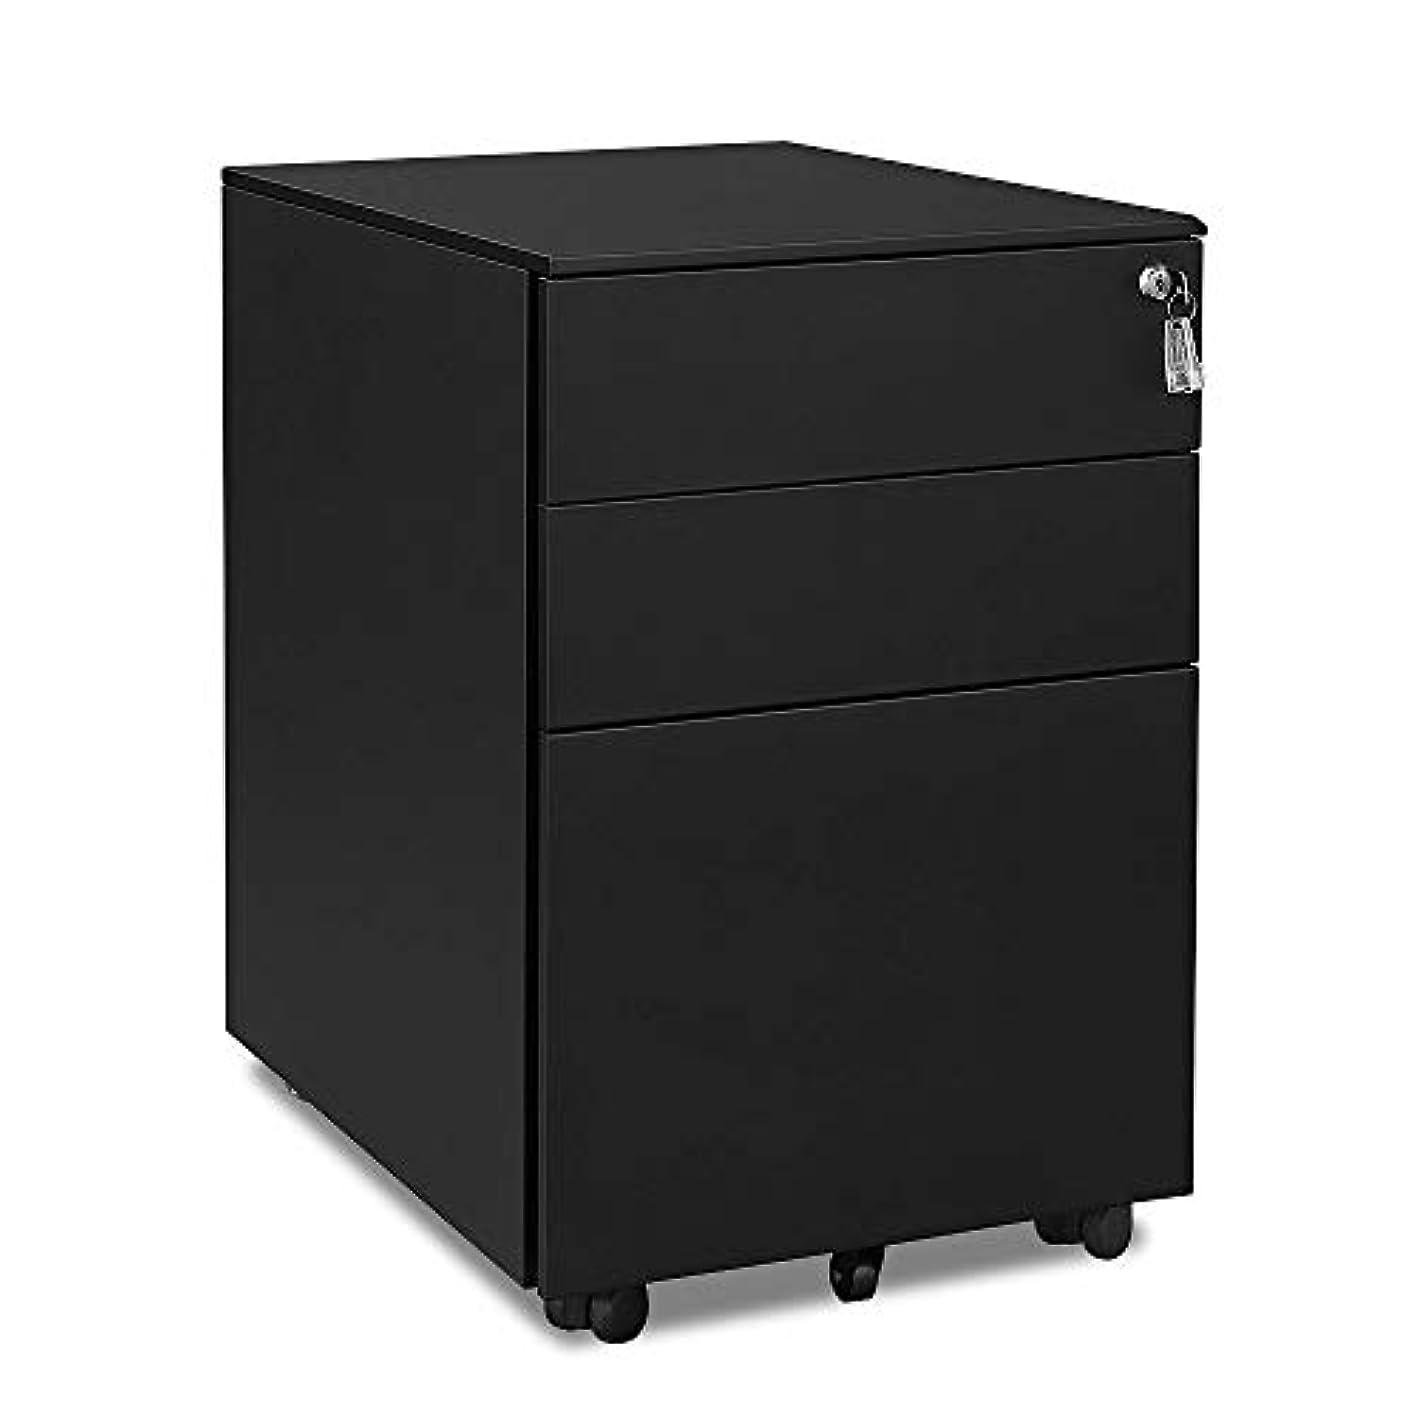 Romatlink, 3-Drawer Mobile Pedestal File Cabinet with Metal Lockable System, Office Storage File Cabinet, Under Desk Fully Assembled [Except for 5 Castors], Black